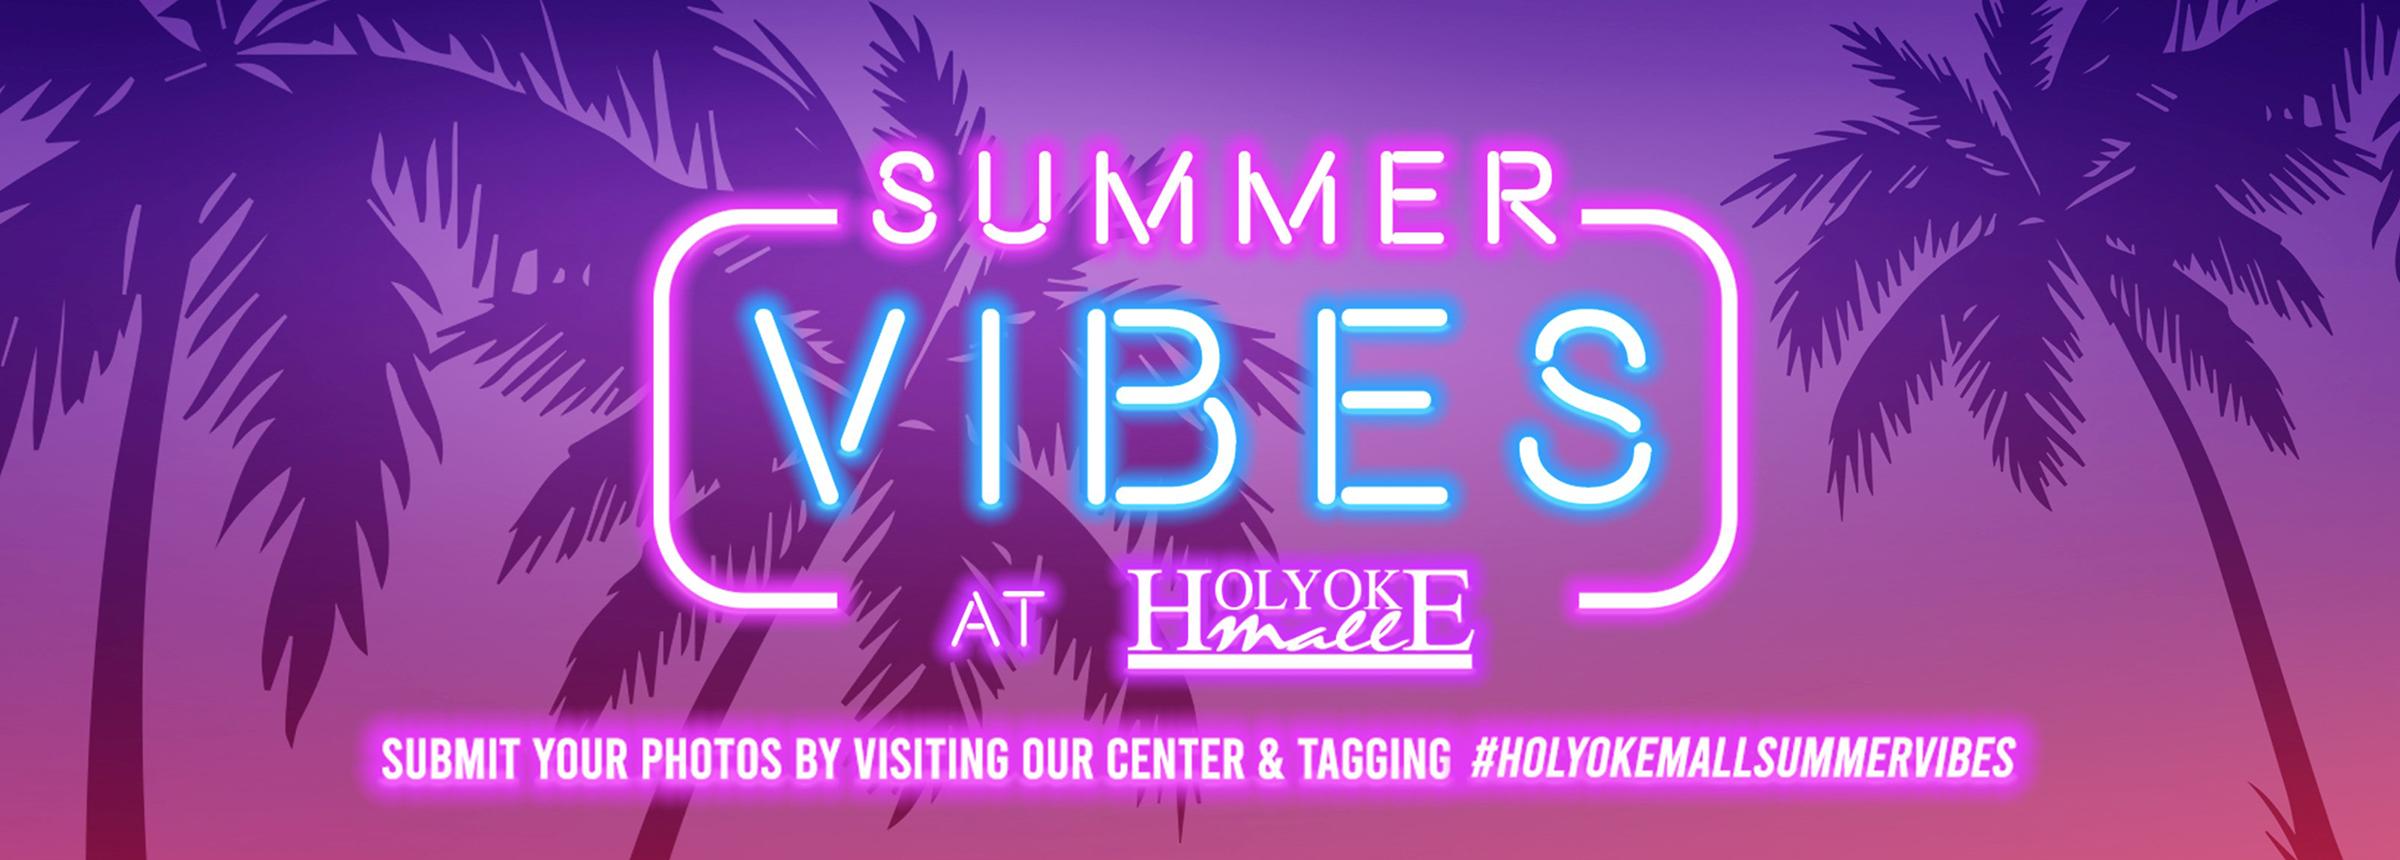 2021 07 08 summer vibes slider 2400px Holyoke2